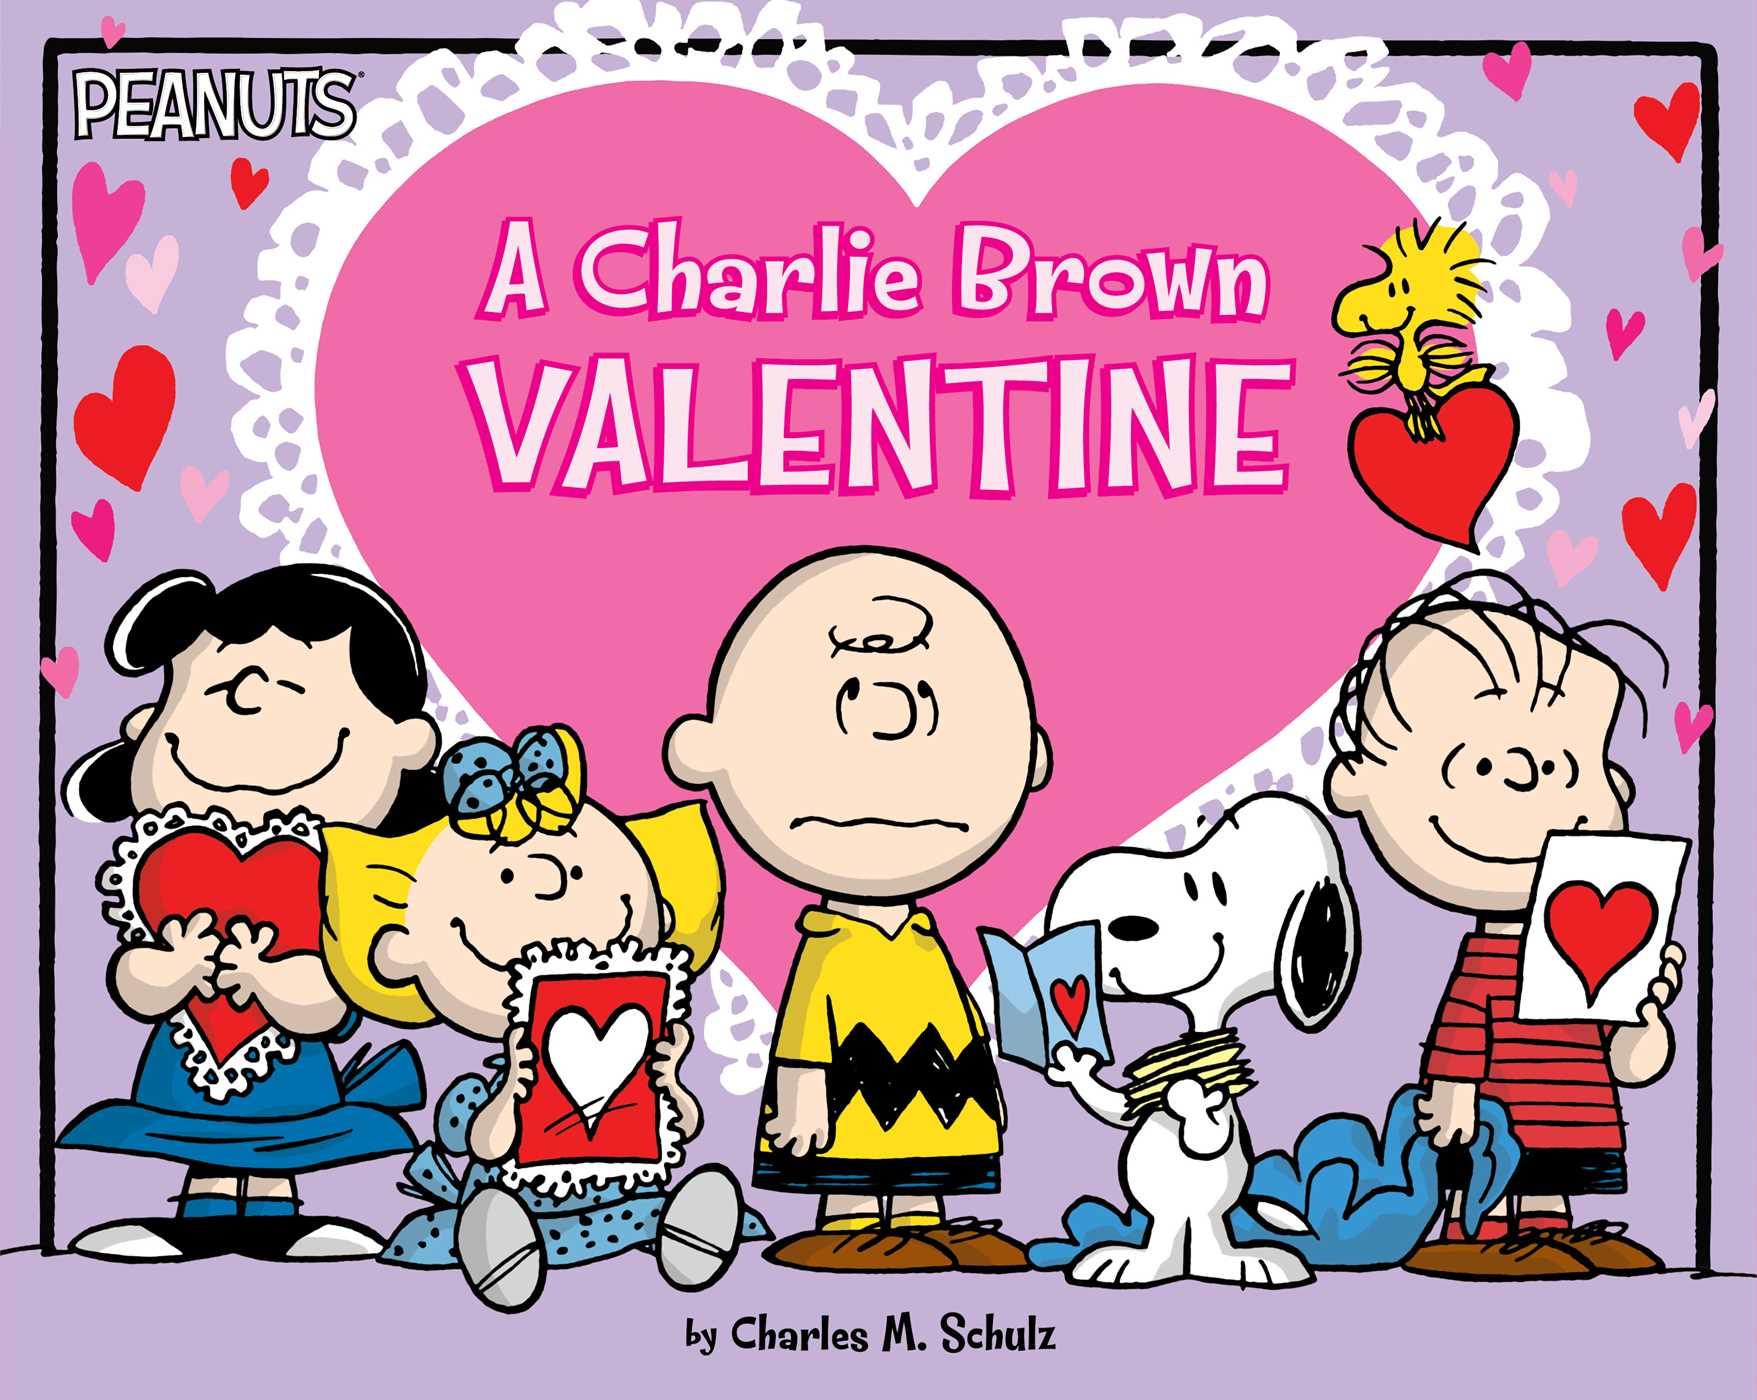 A charlie brown valentine 9781481468039 hr